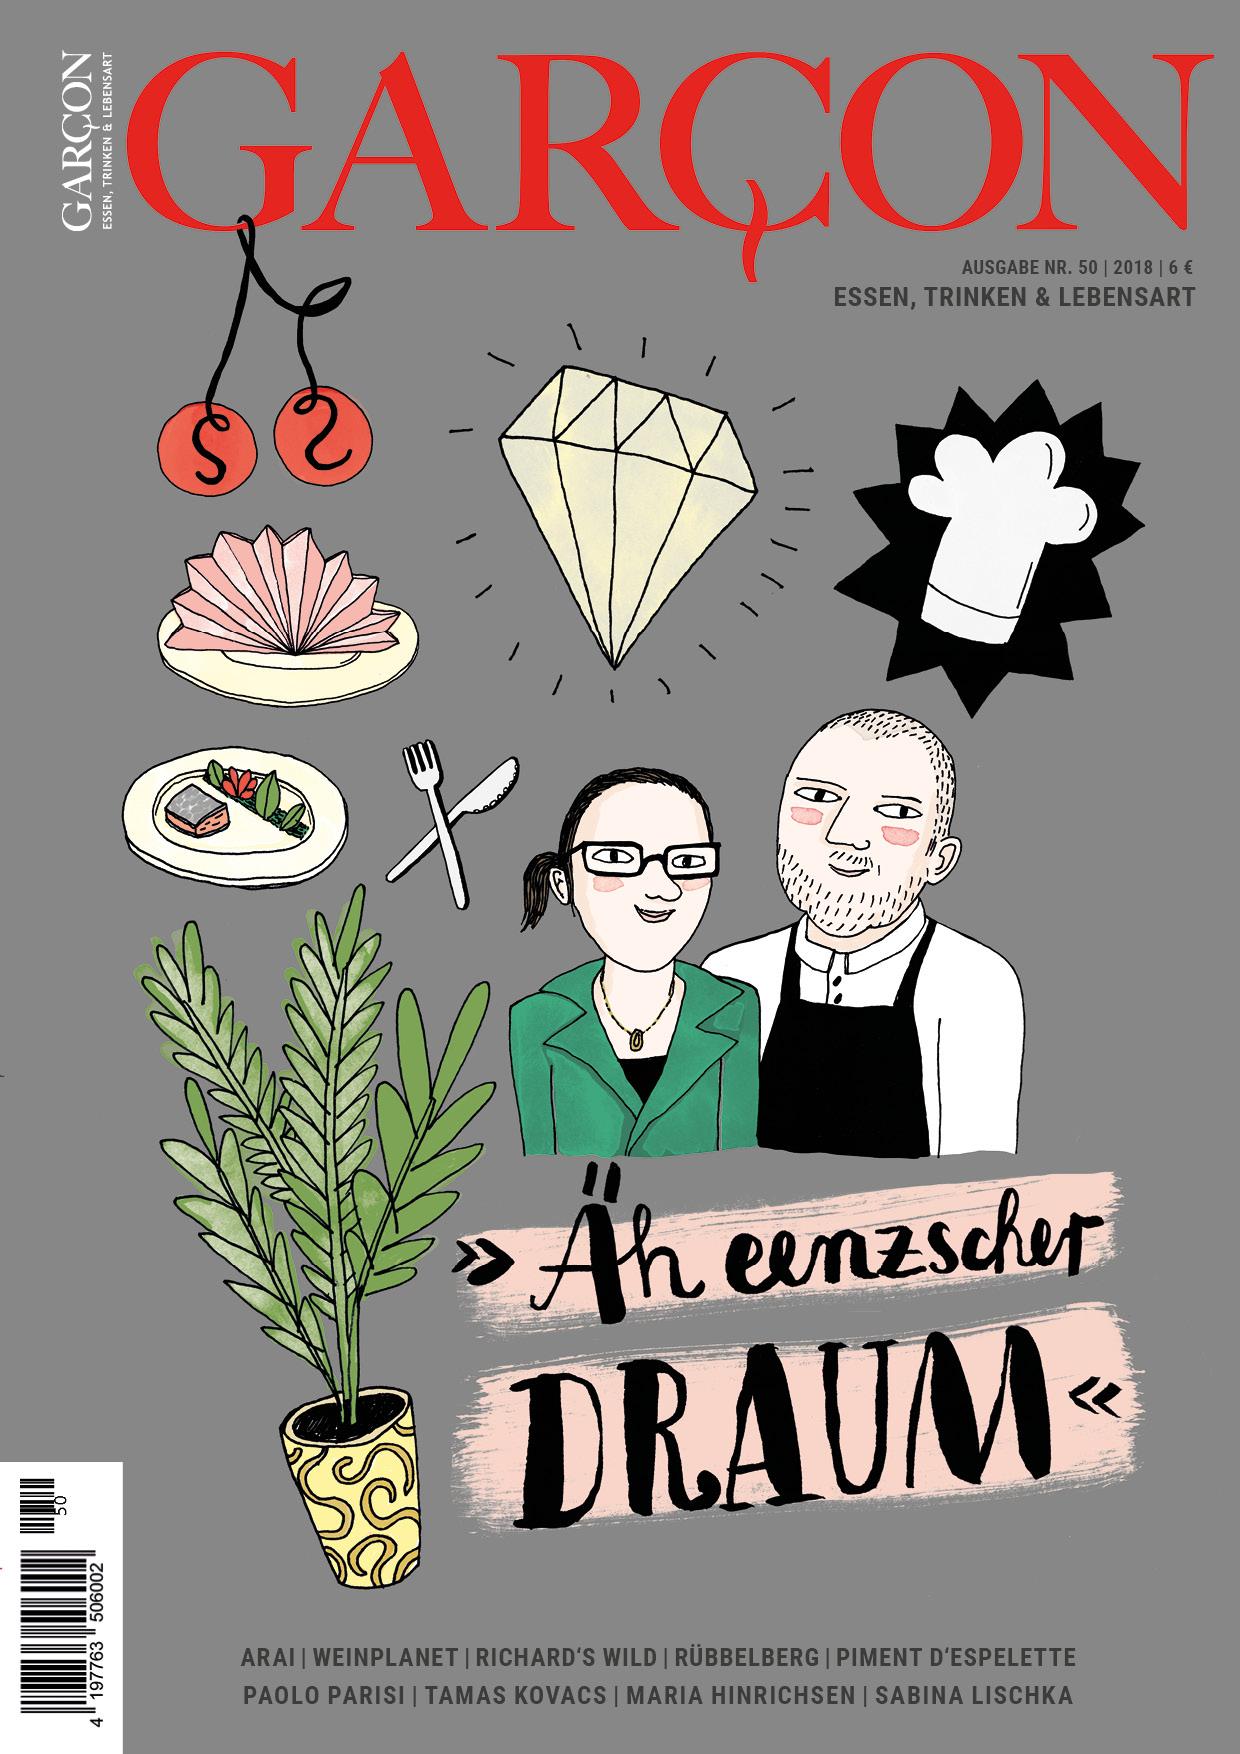 Magazin GARCON-Essen, Trinken, Lebensart Nr. 50